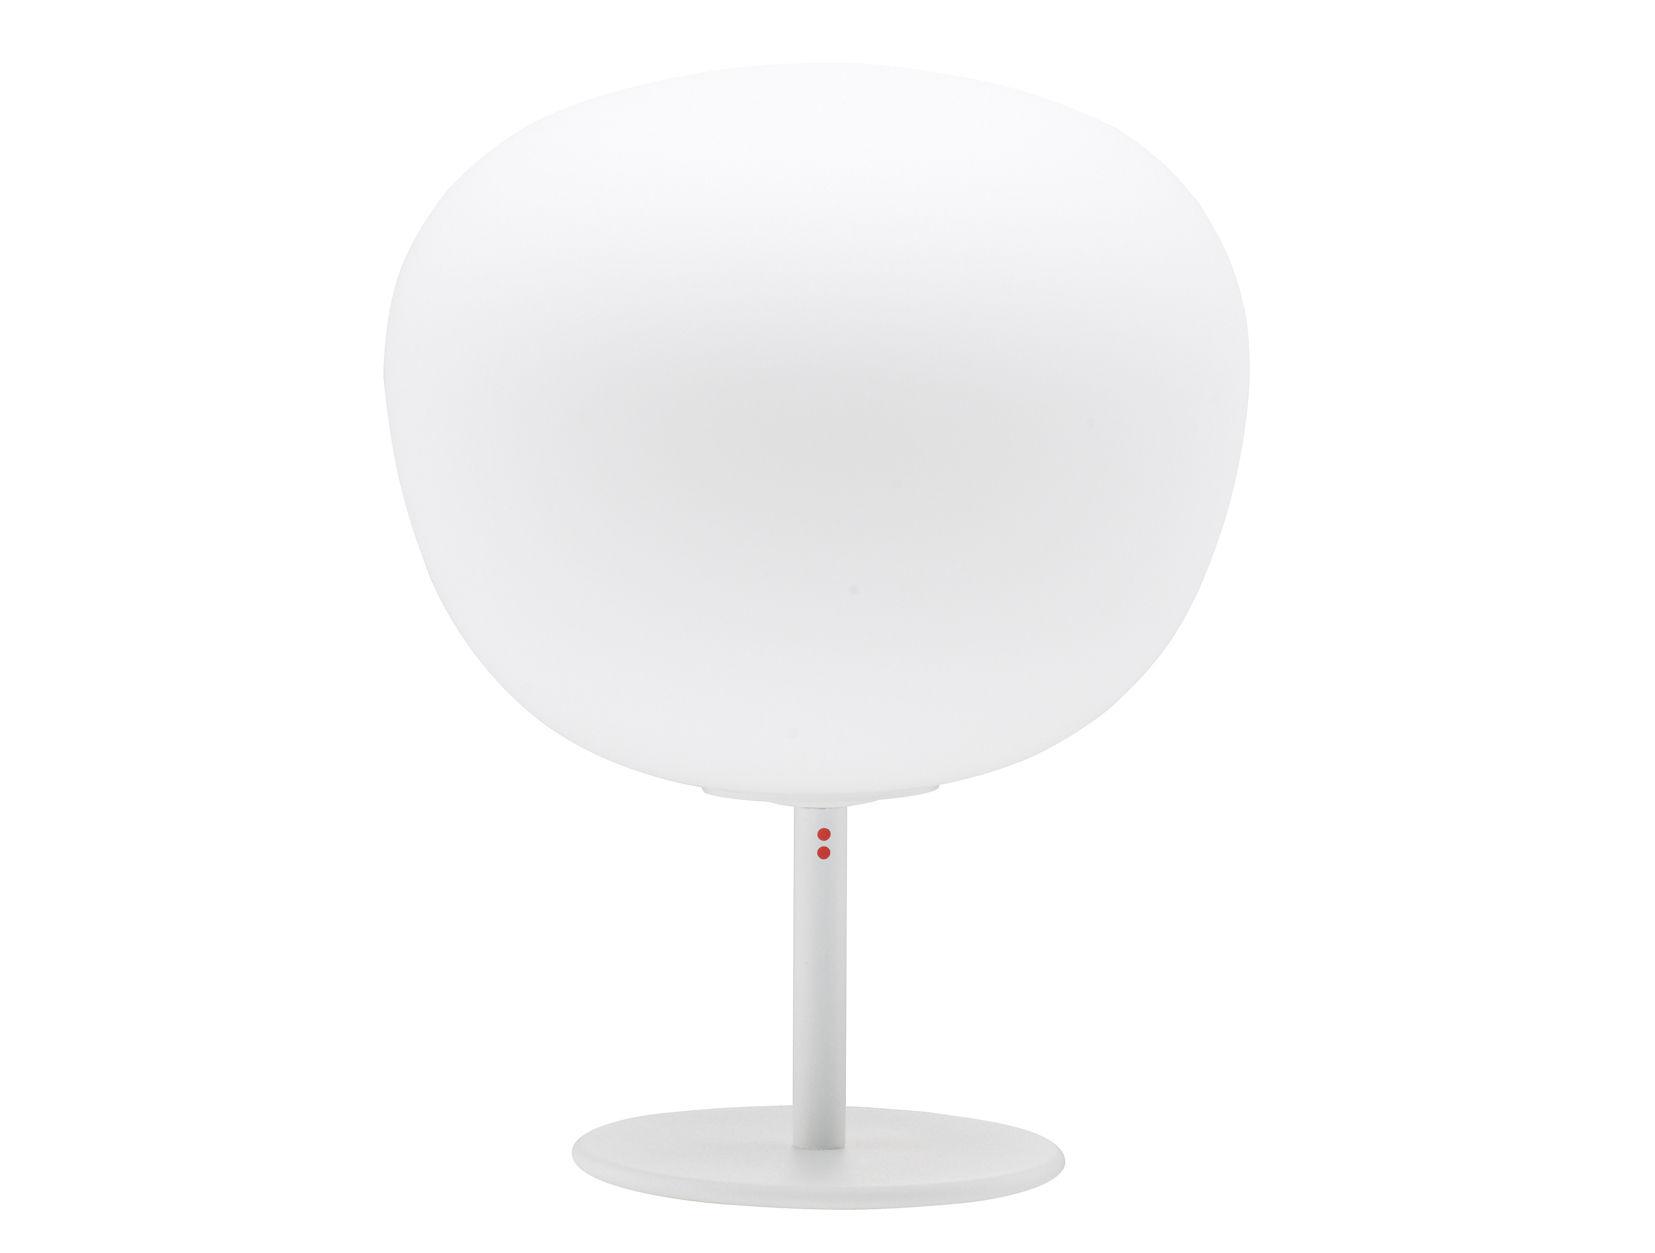 Luminaire - Lampes de table - Lampe de table Mochi avec pied - Ø 20 x H 26 cm - Fabbian - Blanc - Ø 20 cm - Pied - Verre